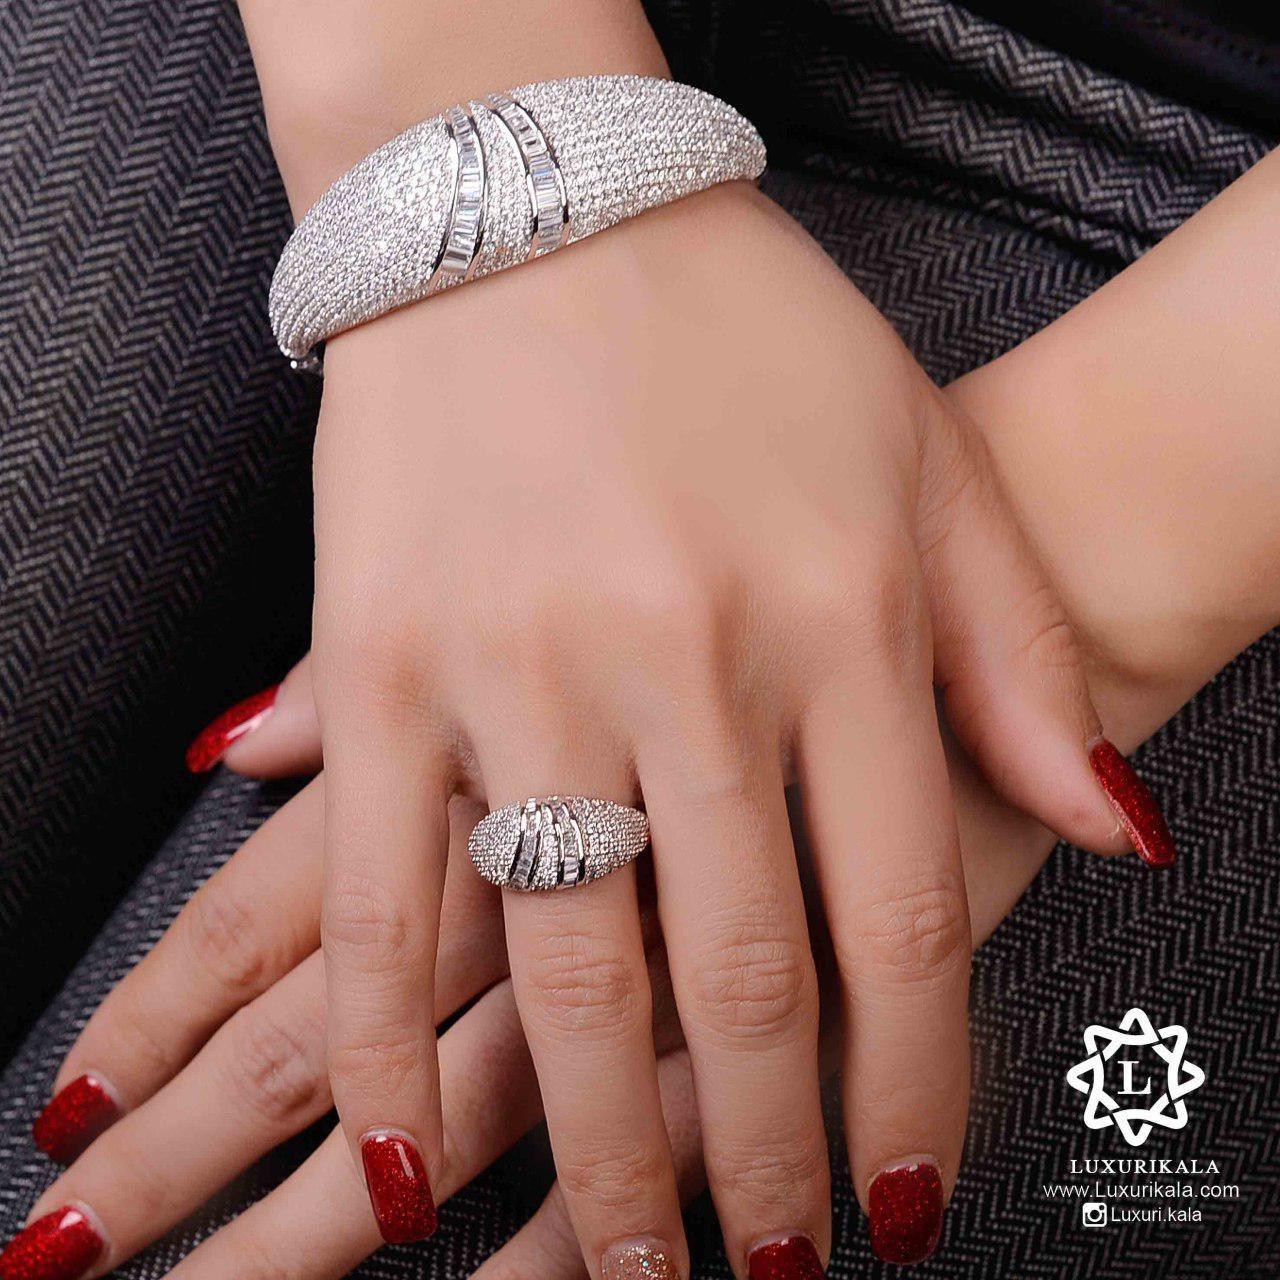 تصویر ست دستبند و انگشتر